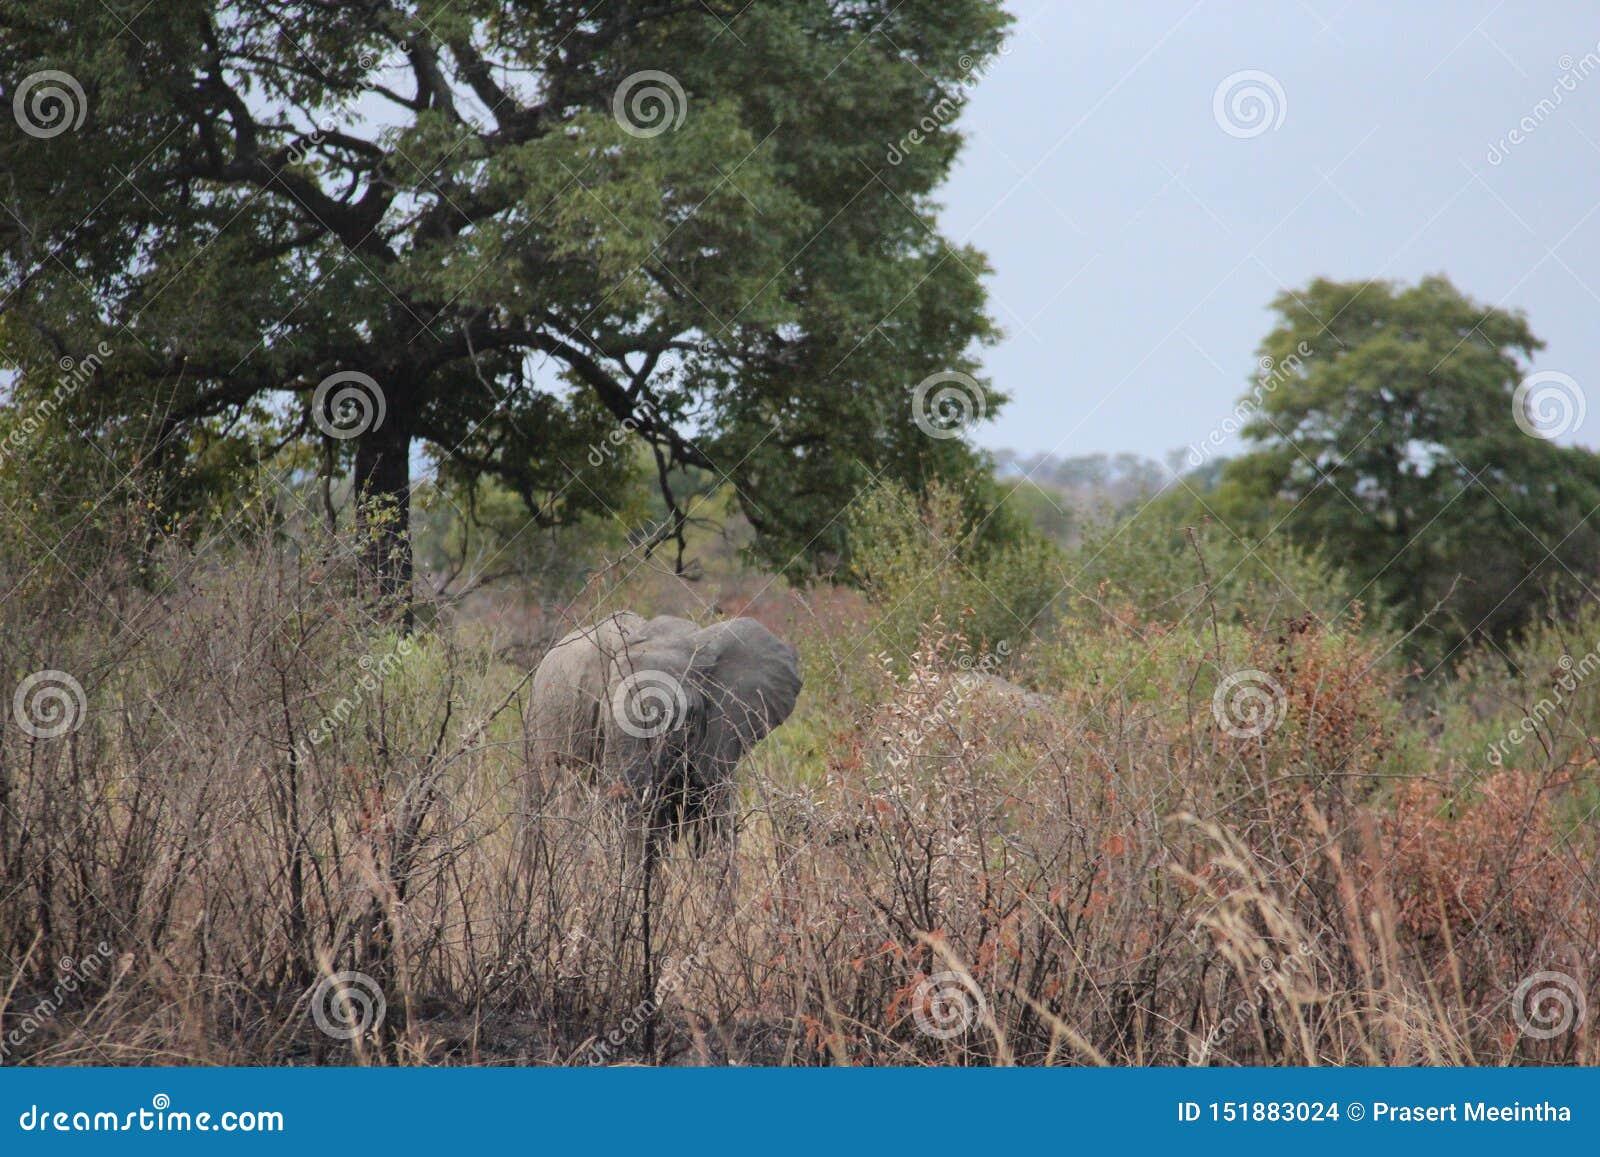 Felicidad y libertad de elefantes salvajes africanos de la vida